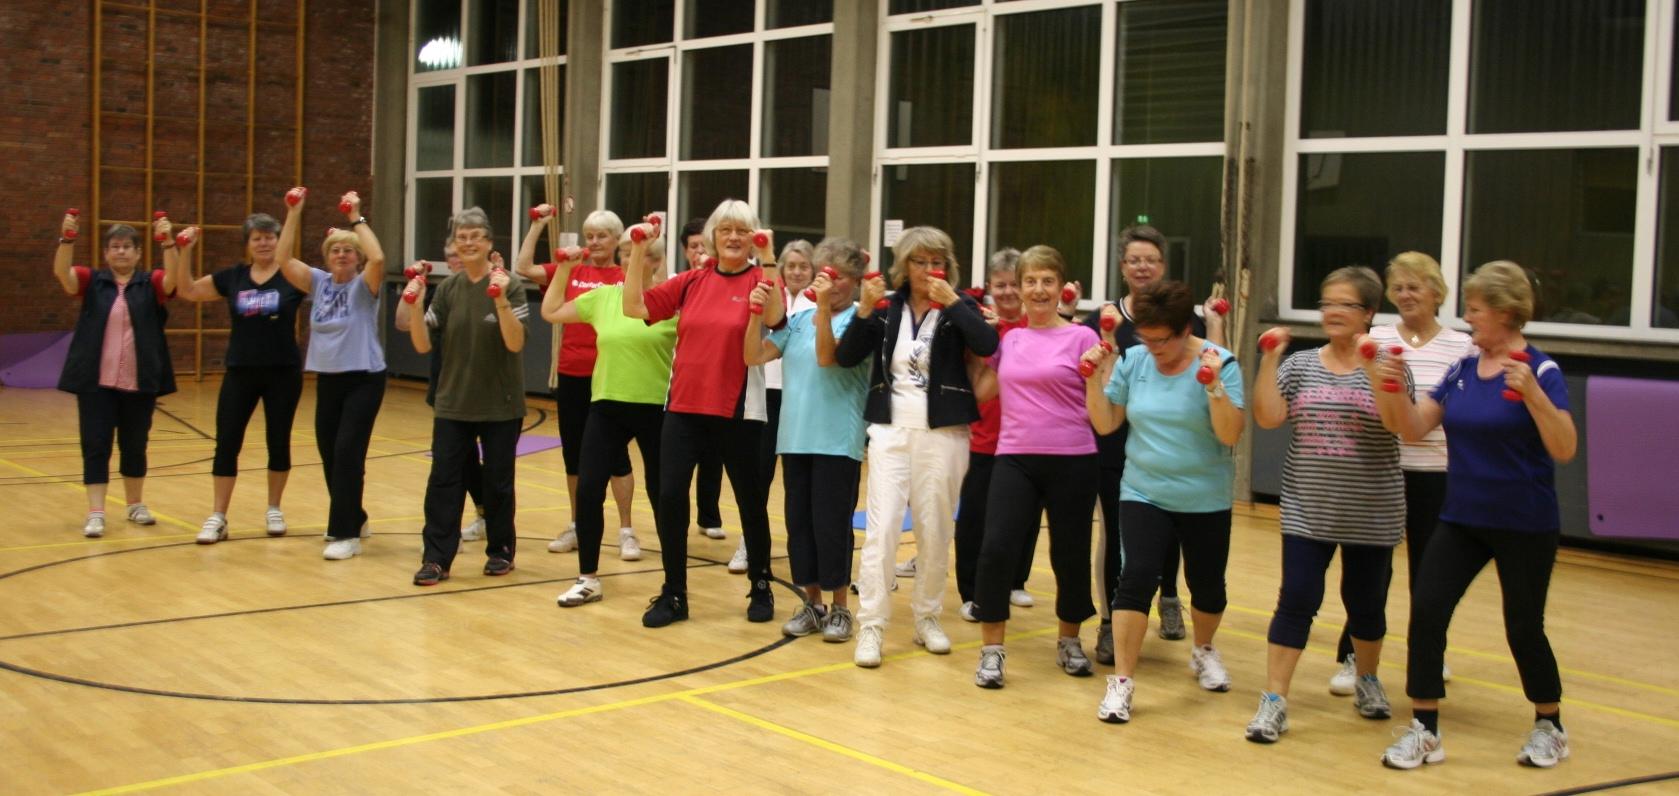 Eine große aktive Gruppe, die Turnerinnen 50+